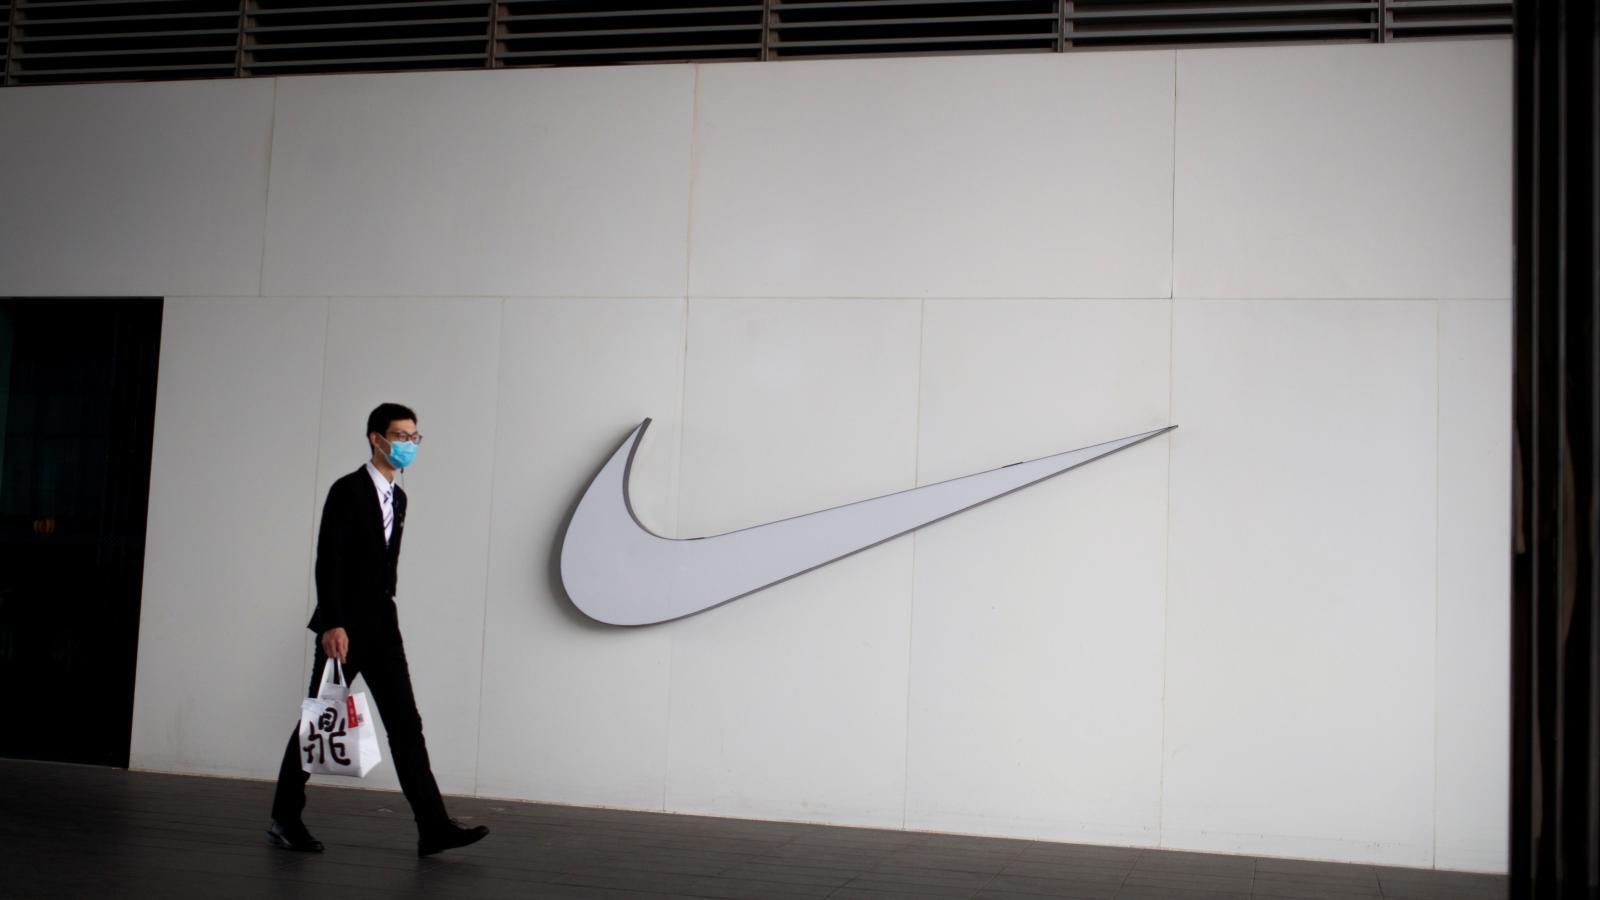 Nike 、adidas 超低折扣,618 是运动品牌恢复元气的节点吗?